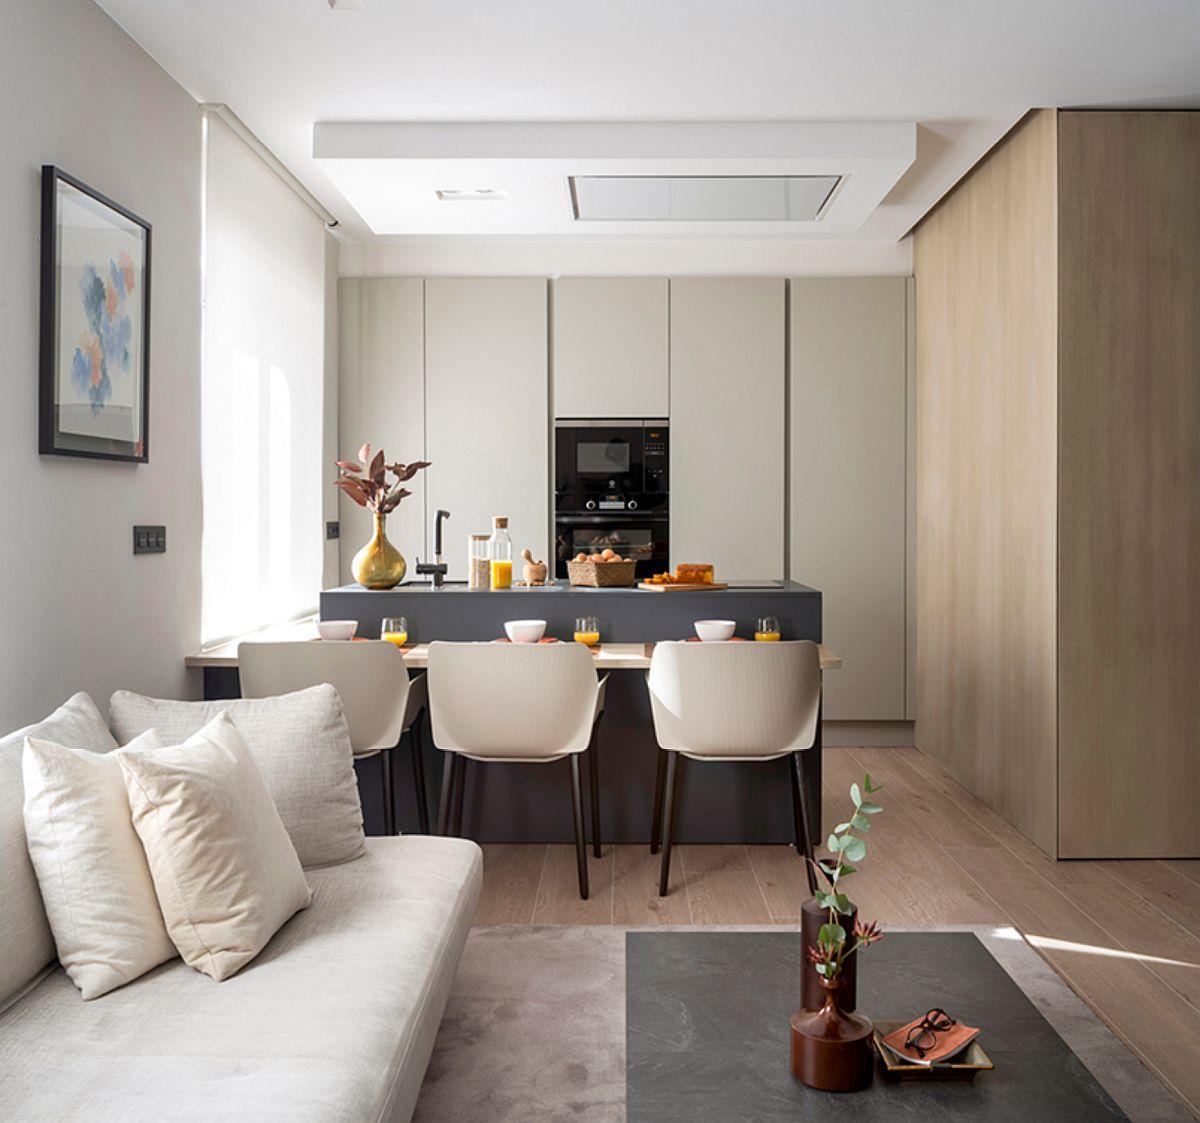 Există cazuri de bucătării deschise către living, unde prin separarea ansamblului de bucătărie în parte inferioară și corpuri suspendate ar da o imagine fragmentată și dezordonată.